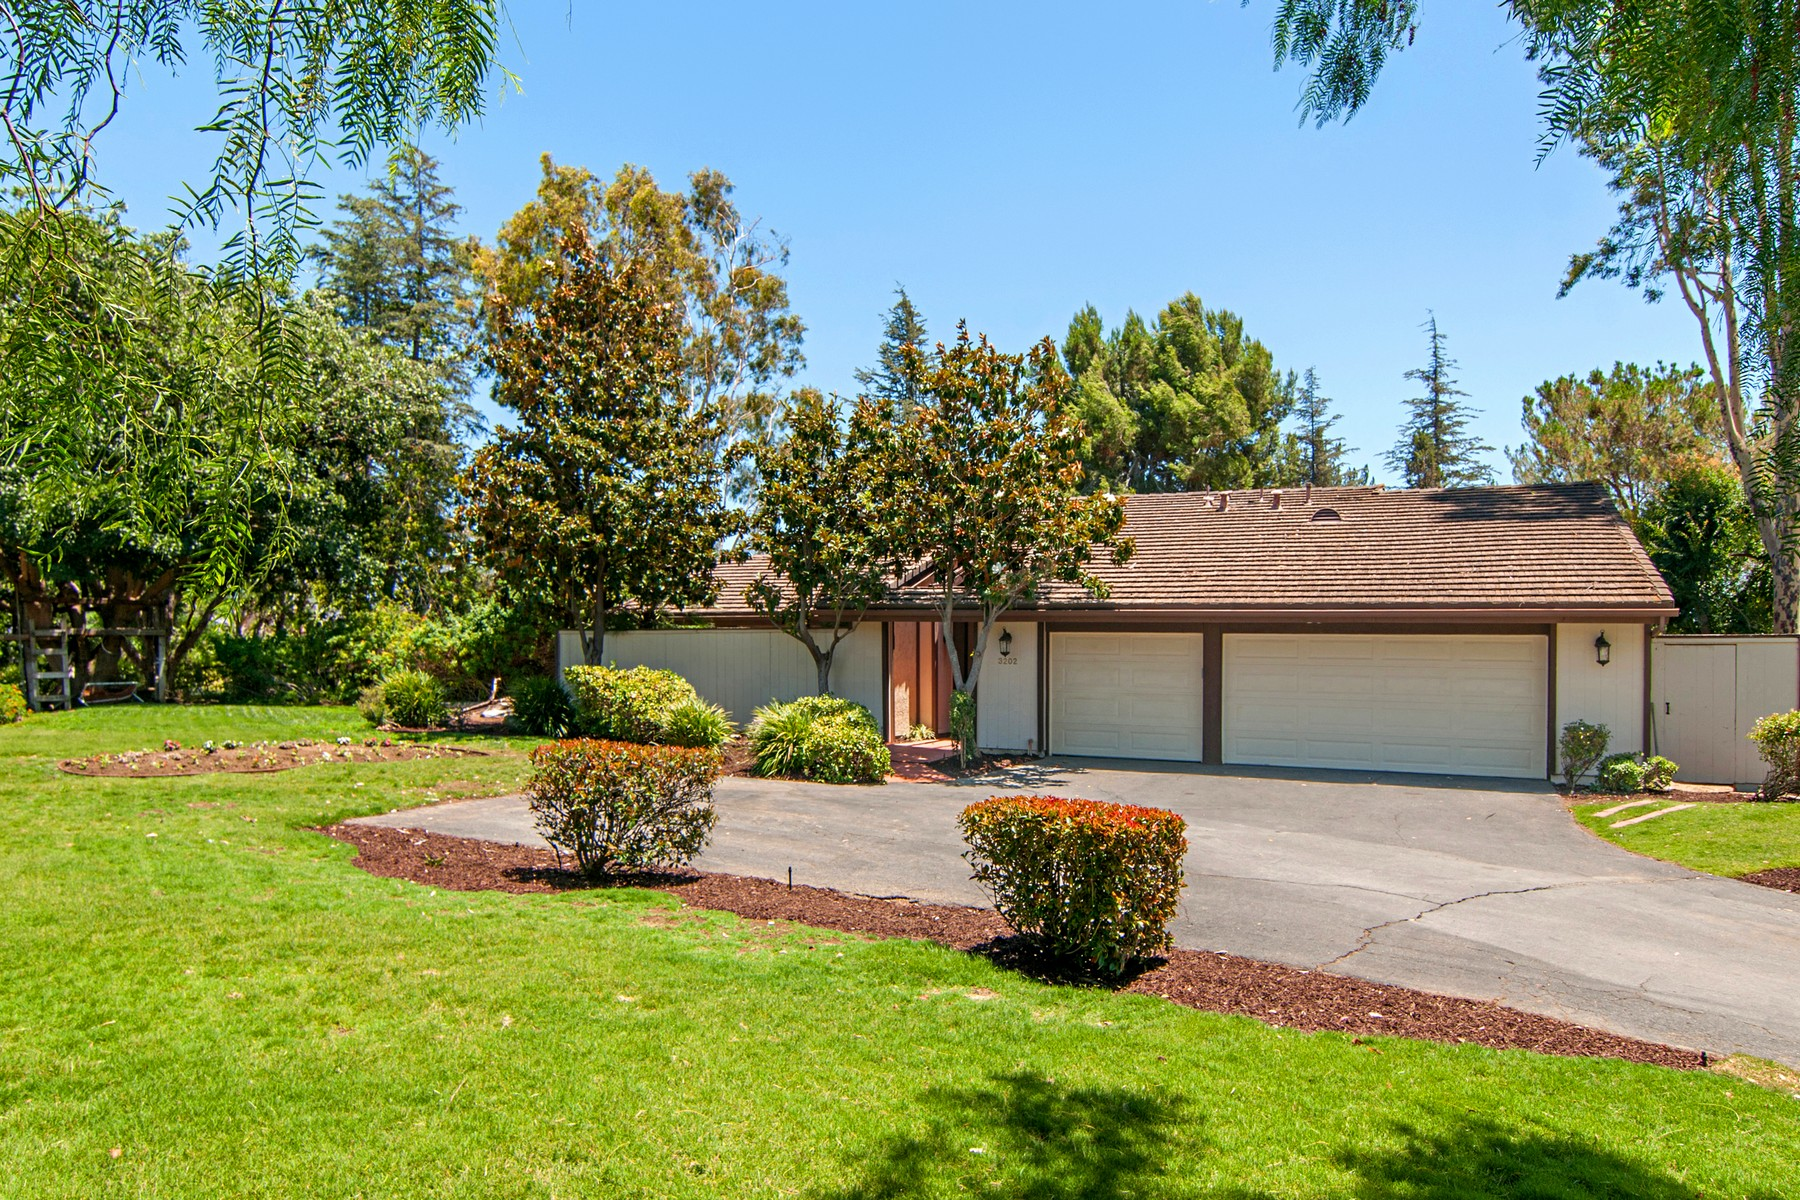 Maison unifamiliale pour l Vente à 3202 Avenida Hacienda Escondido, Californie, 92029 États-Unis